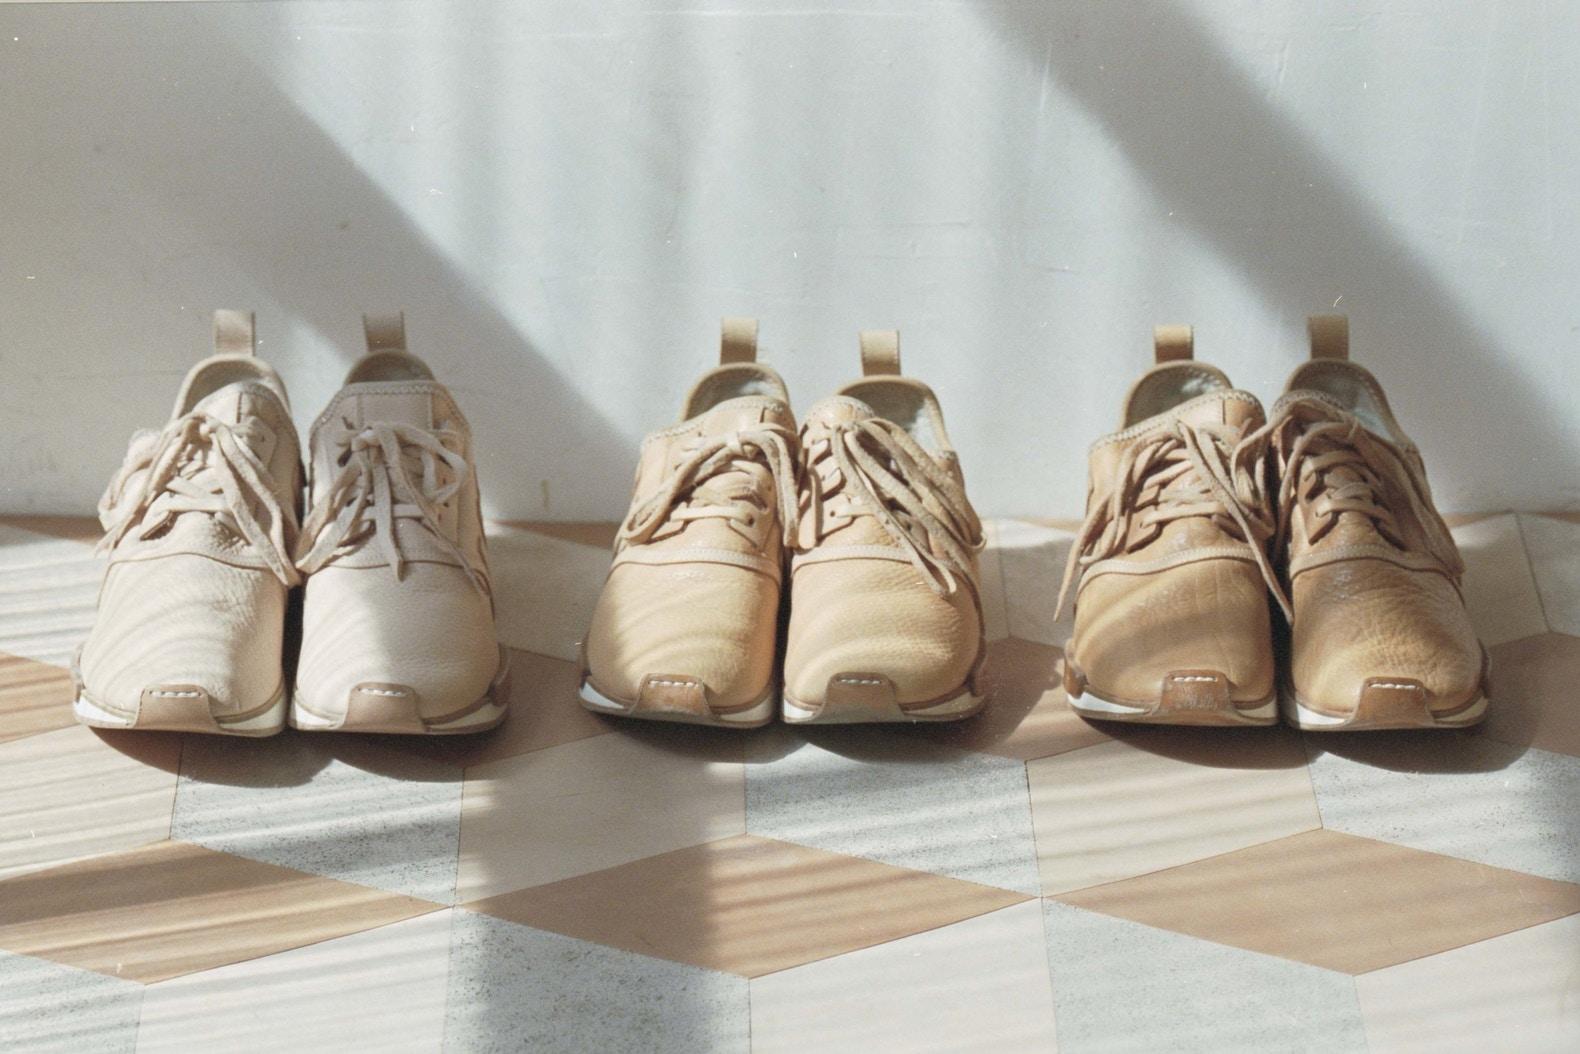 reputable site ce07e 7118e ... Hender Scheme x adidas Originals Superstar, MicroPacer NMD R1 .